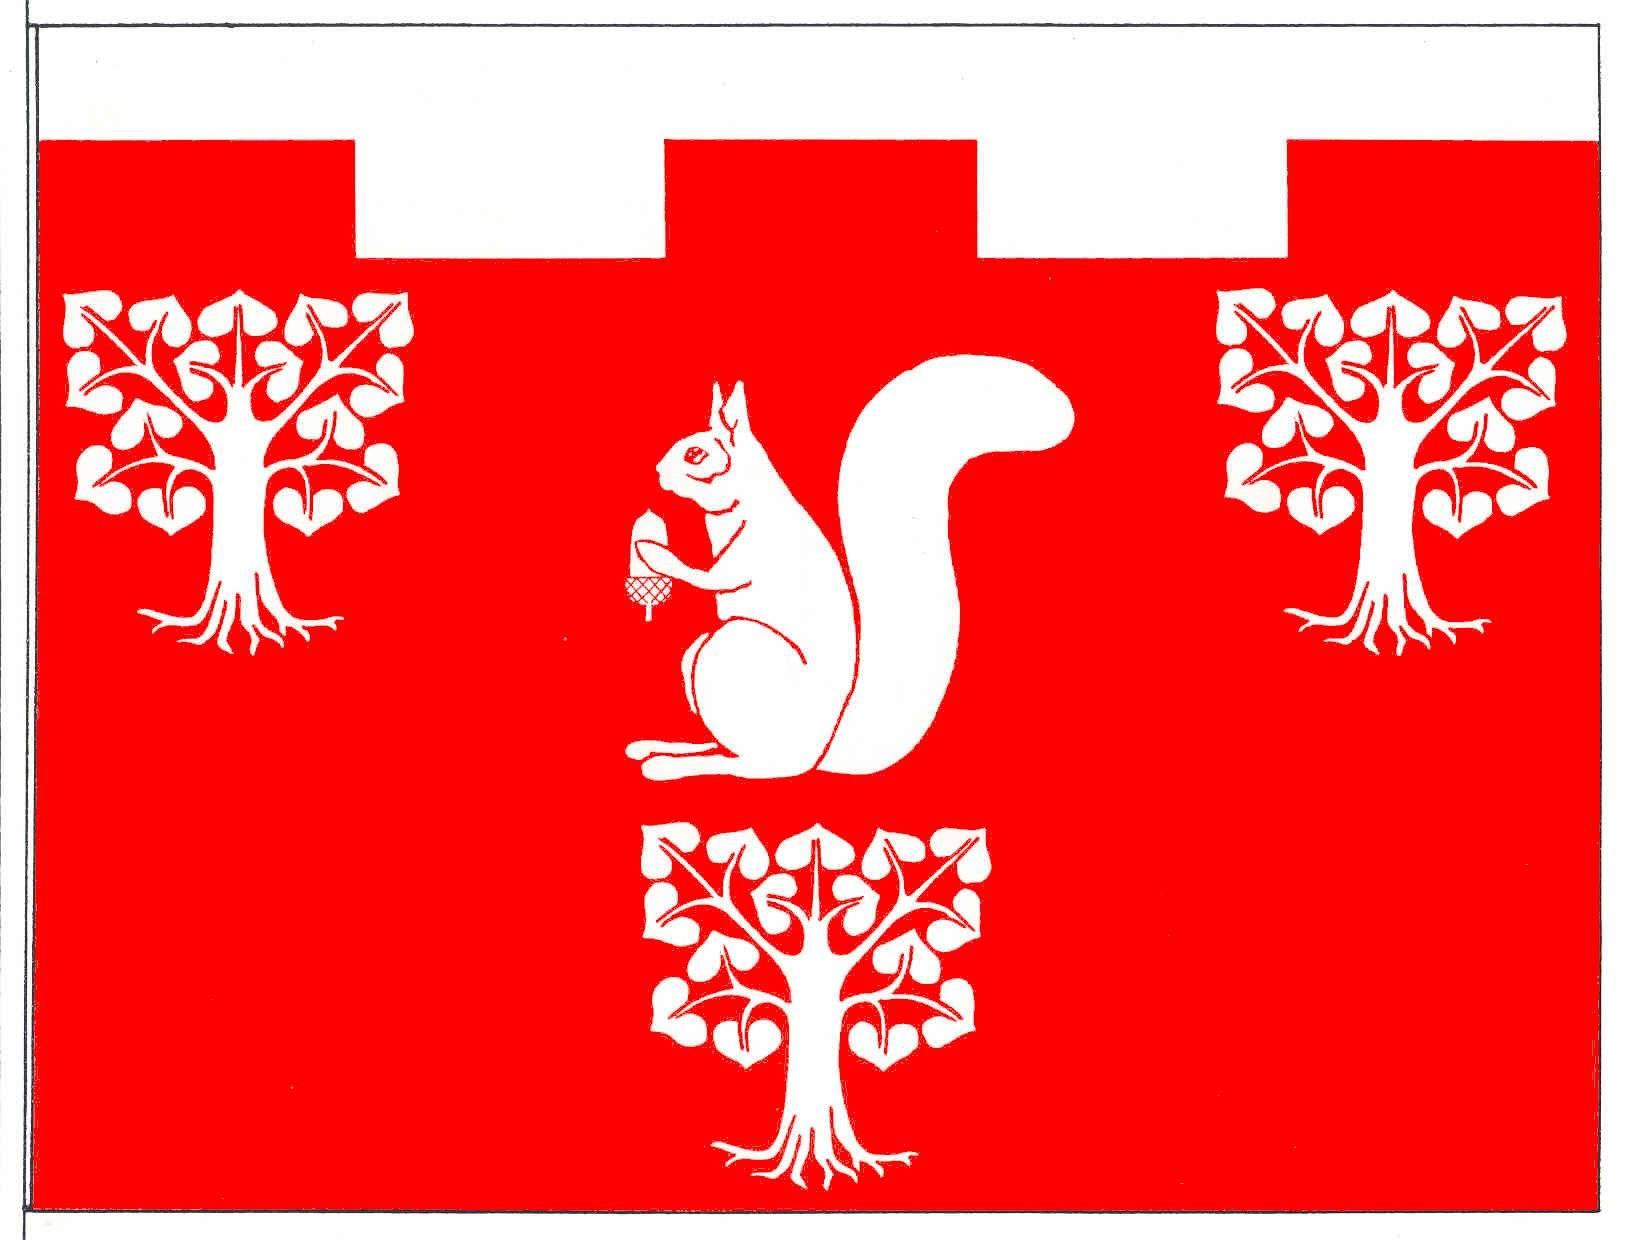 Flagge GemeindeEmkendorf, Kreis Rendsburg-Eckernförde